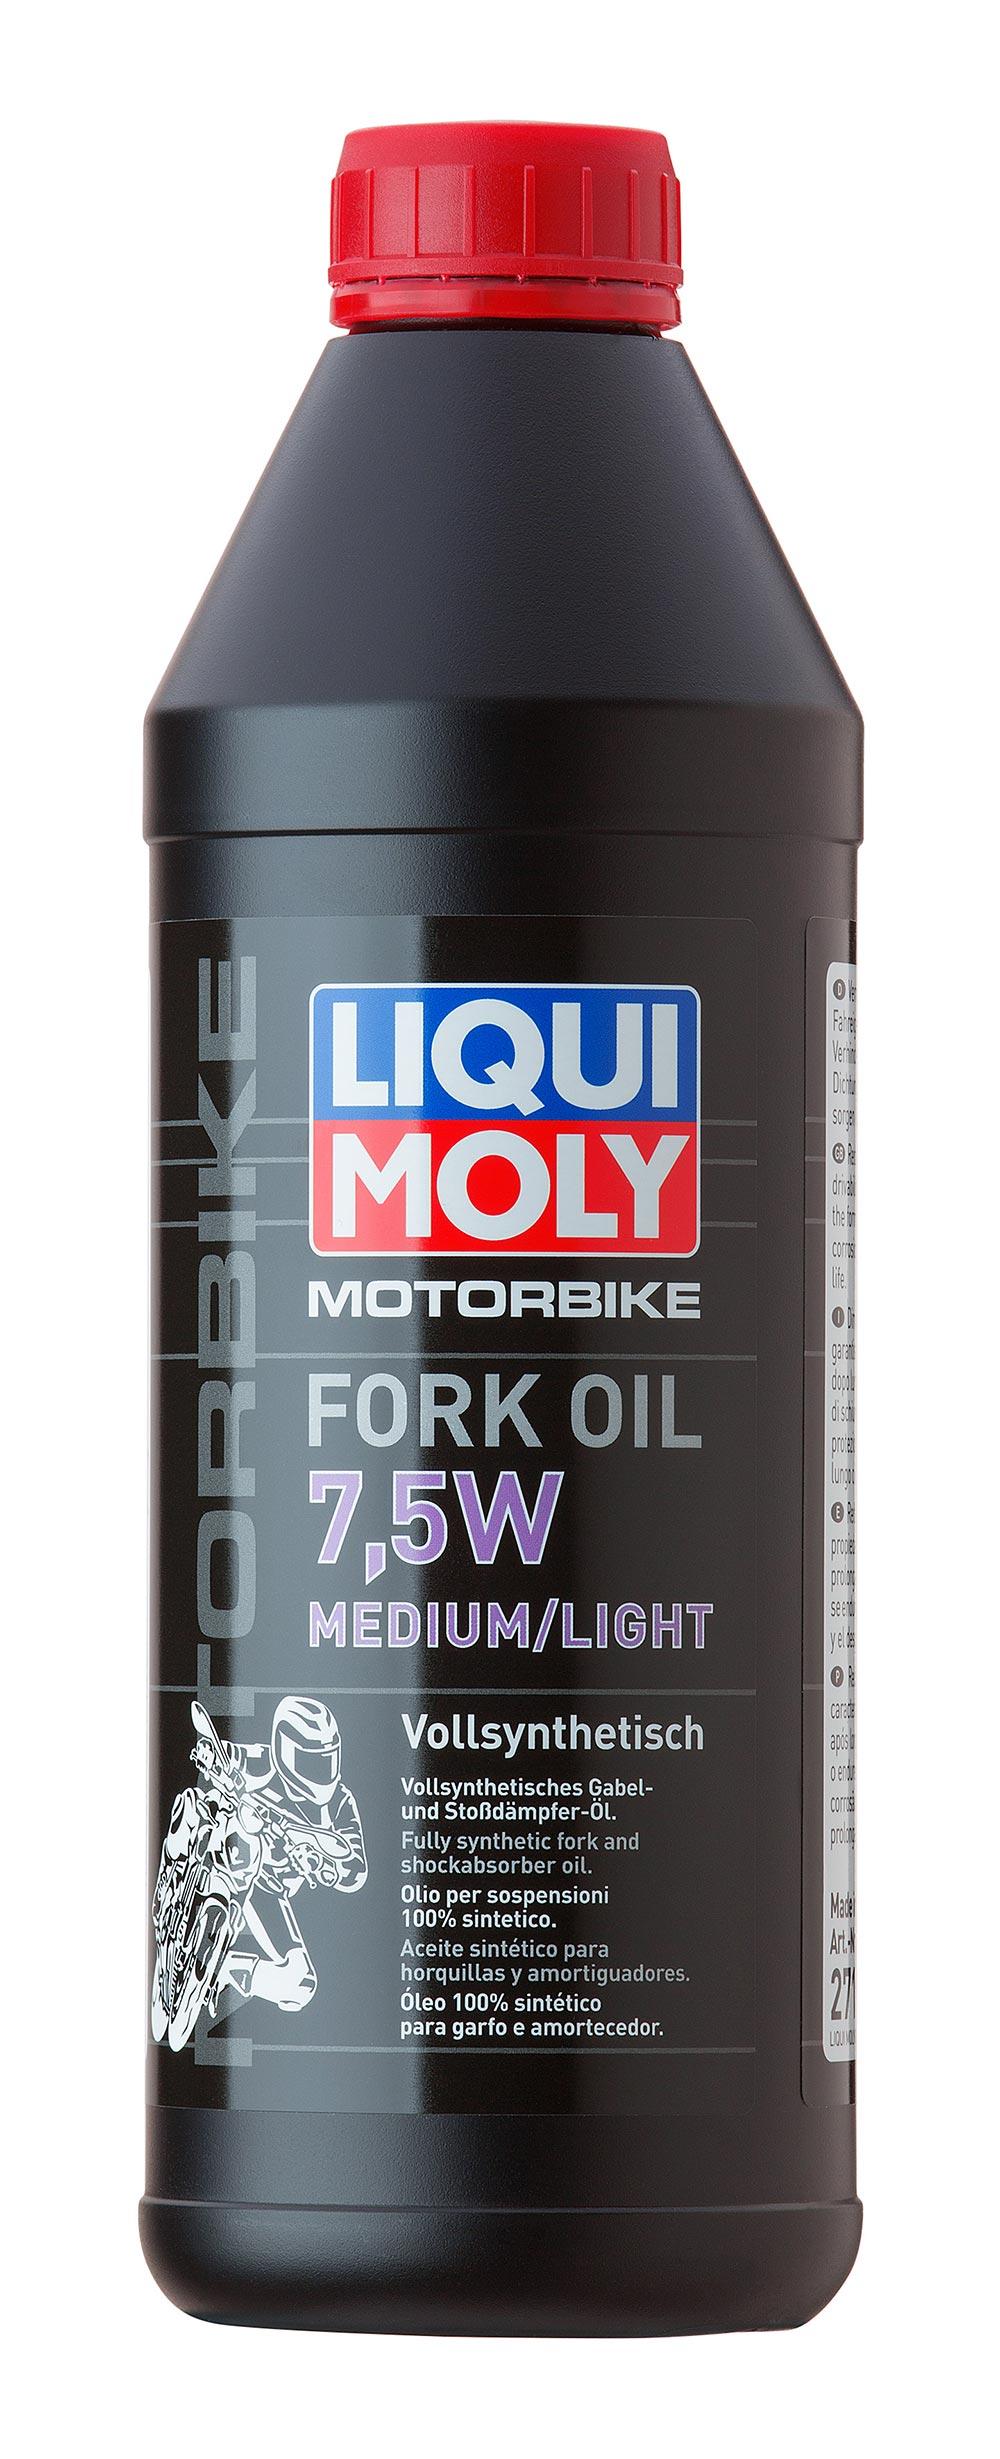 Масло для вилок и амортизаторов 7.5W (синтетическое) Motorbike Fork Oil Medium/L